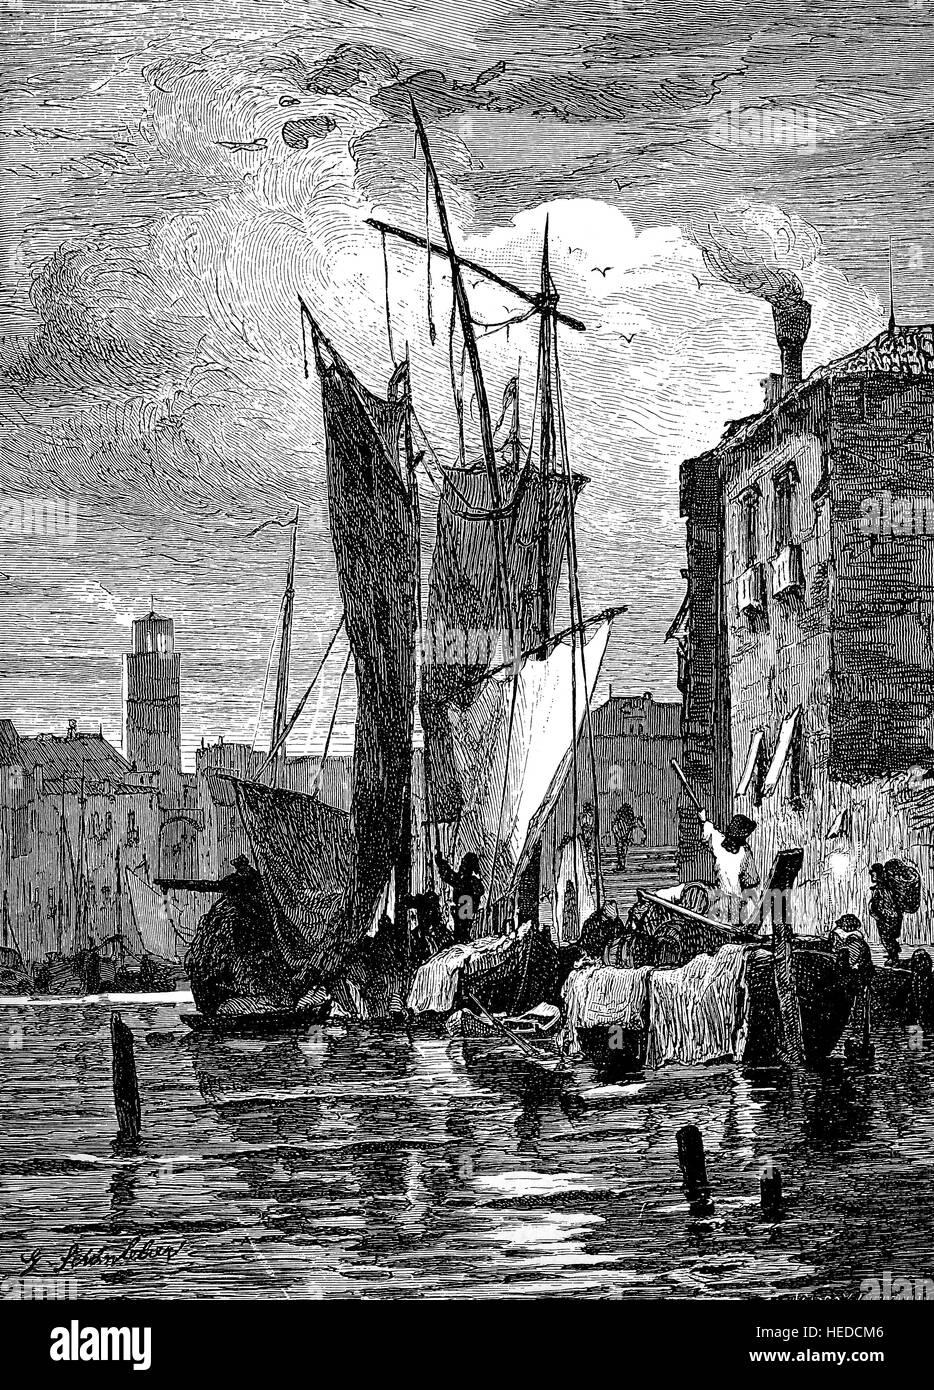 Auf der Insel Giudecca in der Lagune von Venedig, Italien, Hafen Szenen, von einem Holzschnitt von 1880, digital Stockbild